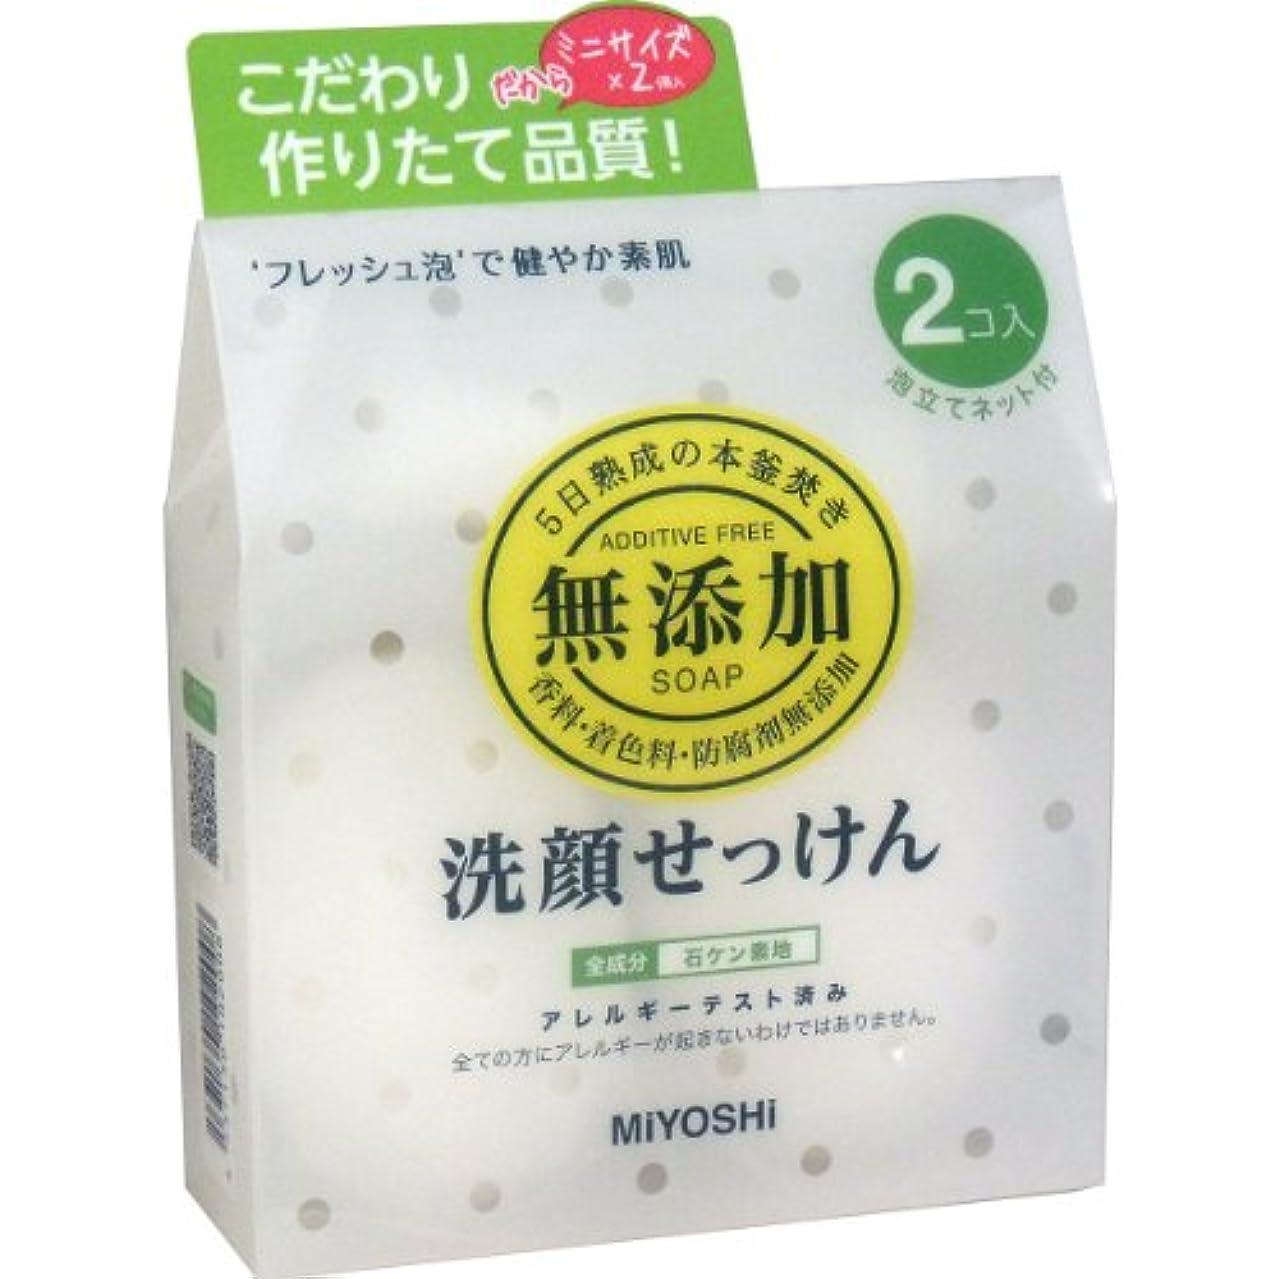 味付けしなやかエレメンタルミヨシ石鹸 無添加洗顔せっけん2個入 80g